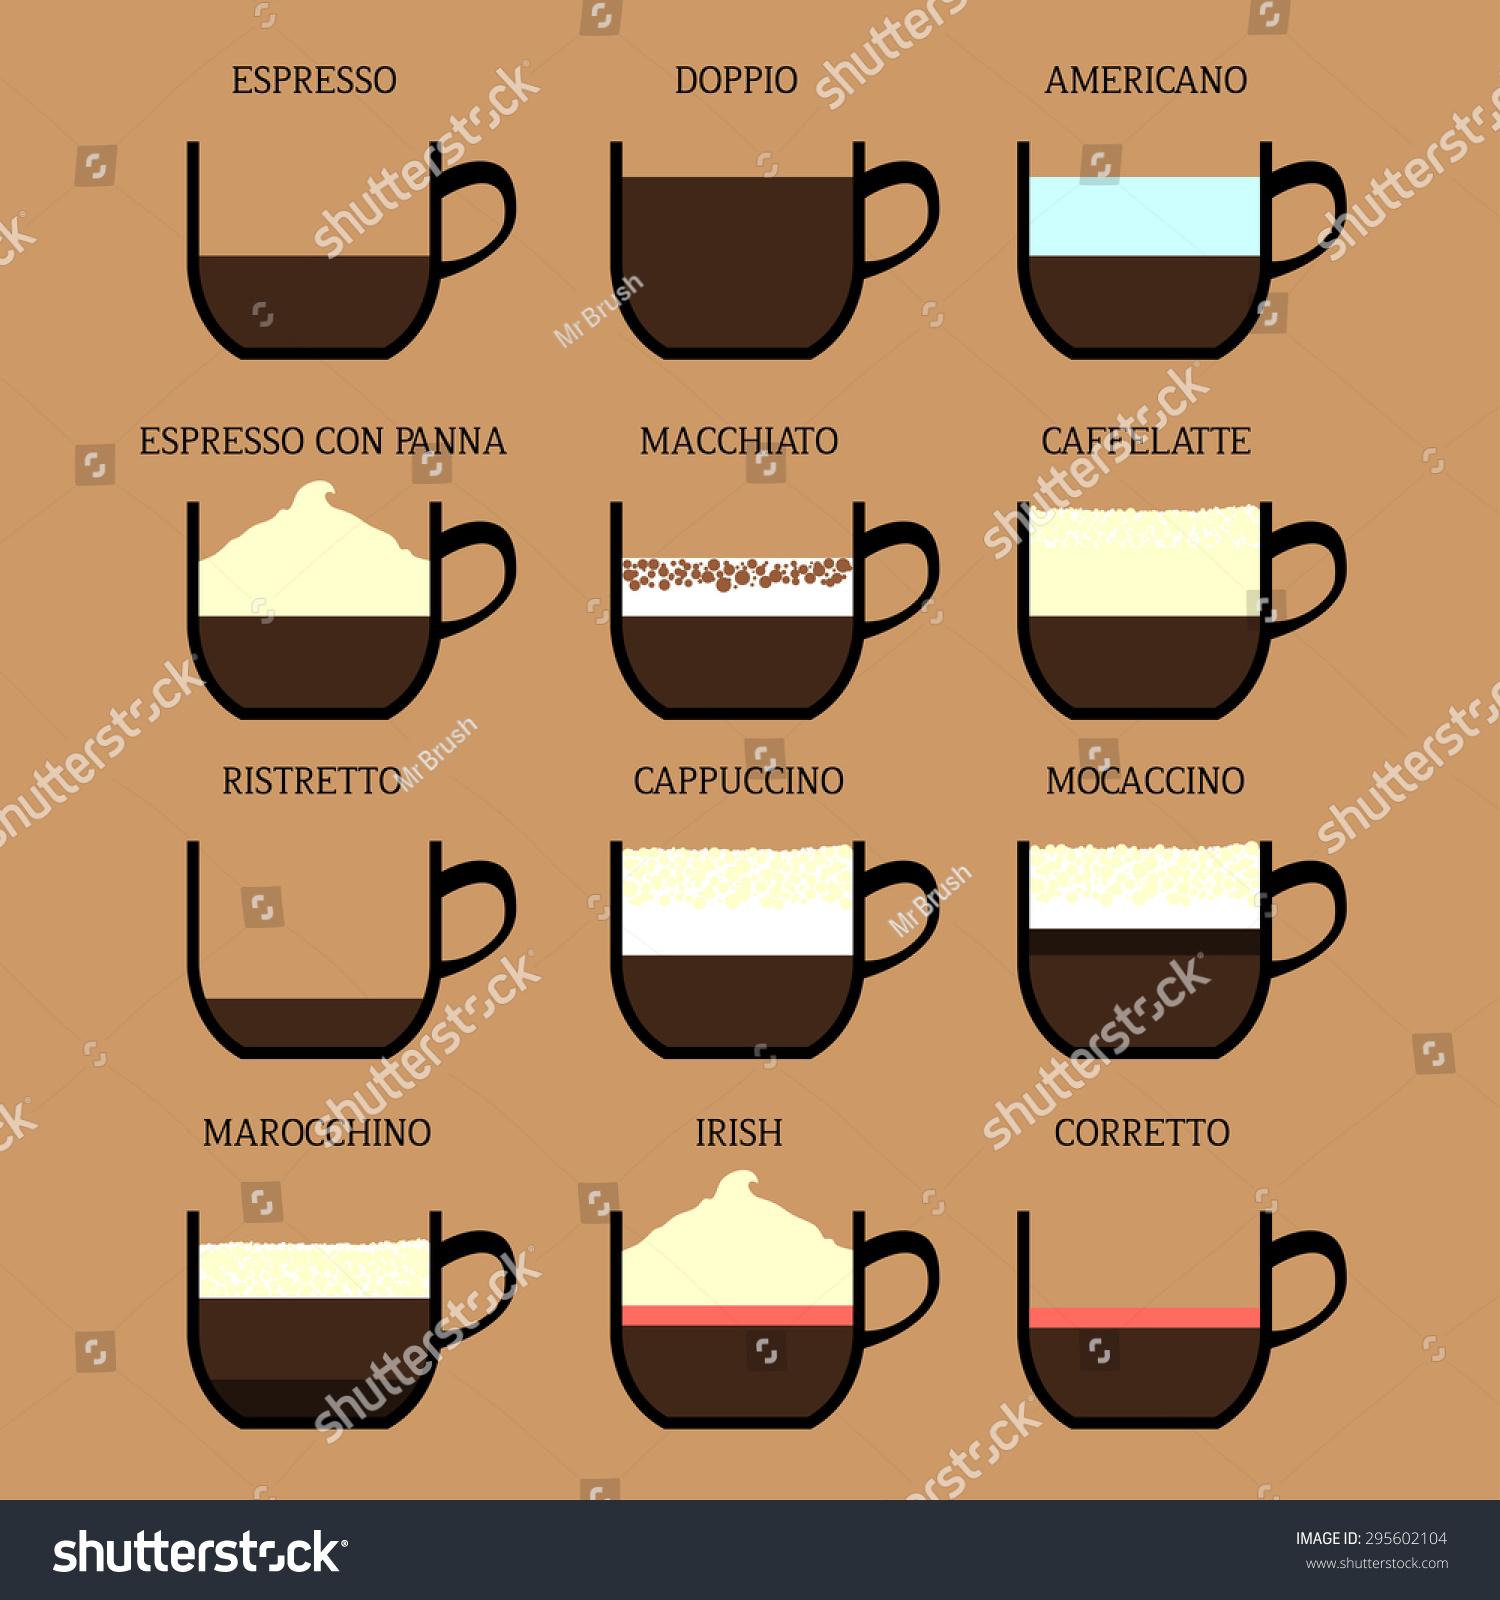 Coffee Drink Set Espresso Doppio Americano Stock Vector